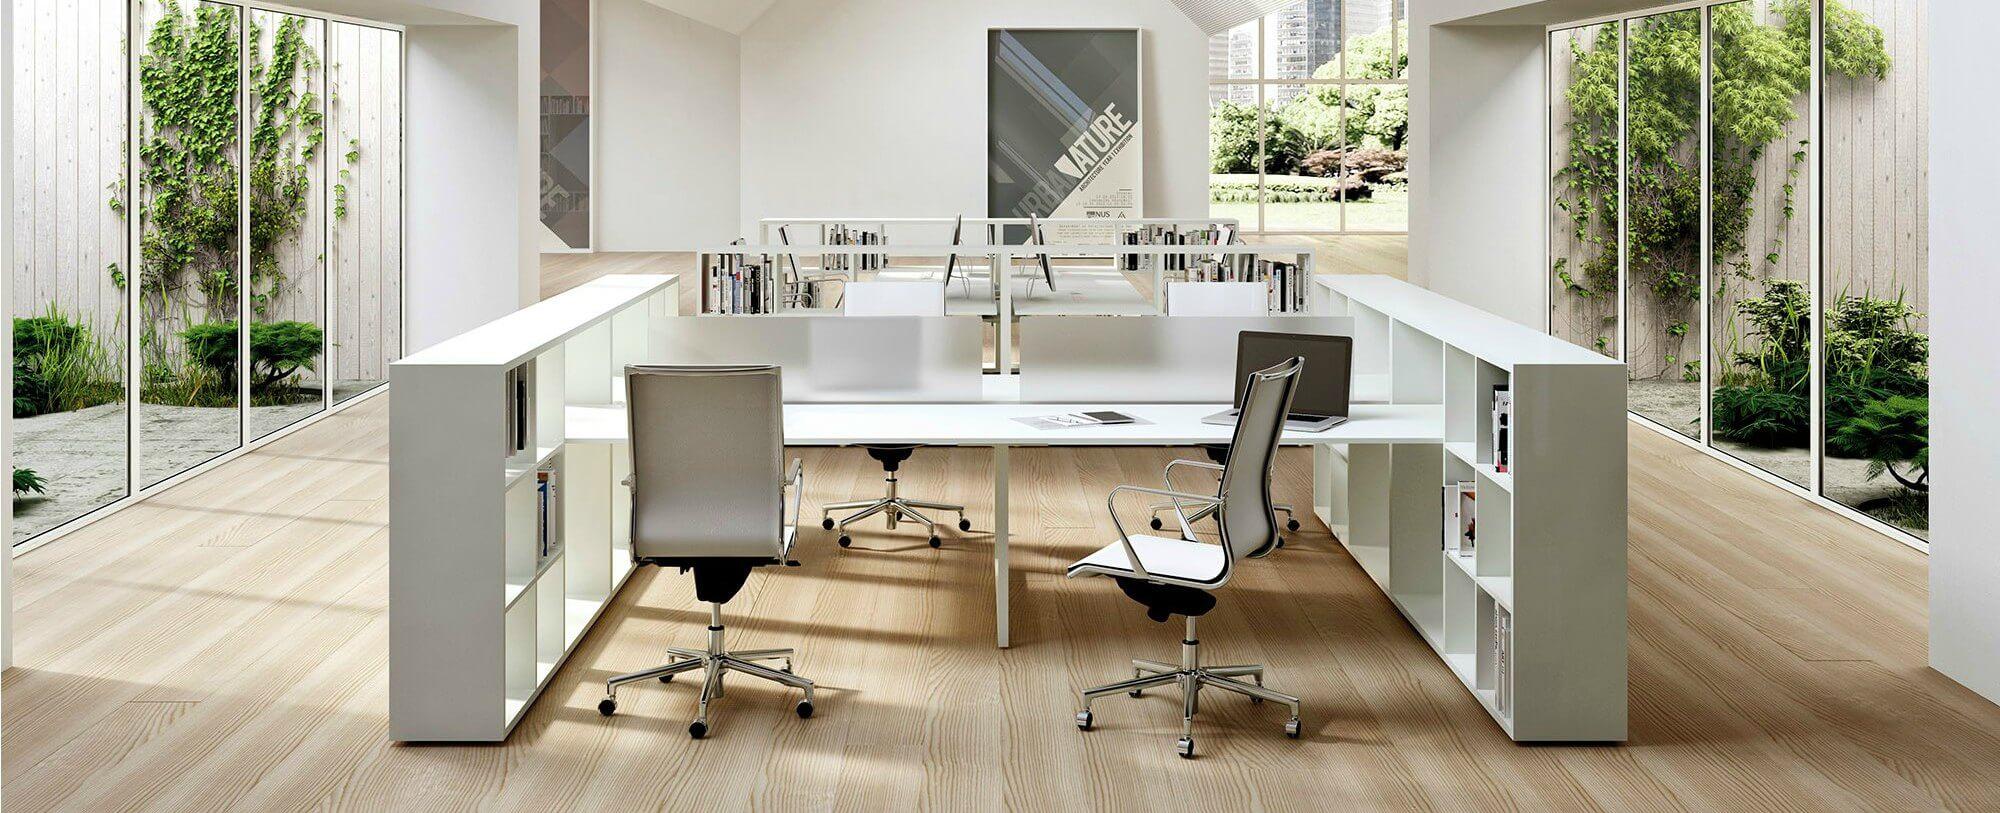 Mobiliario Barcelona Reforma De Oficinas Y Tienda De Muebles De  # Muebles Fantoni